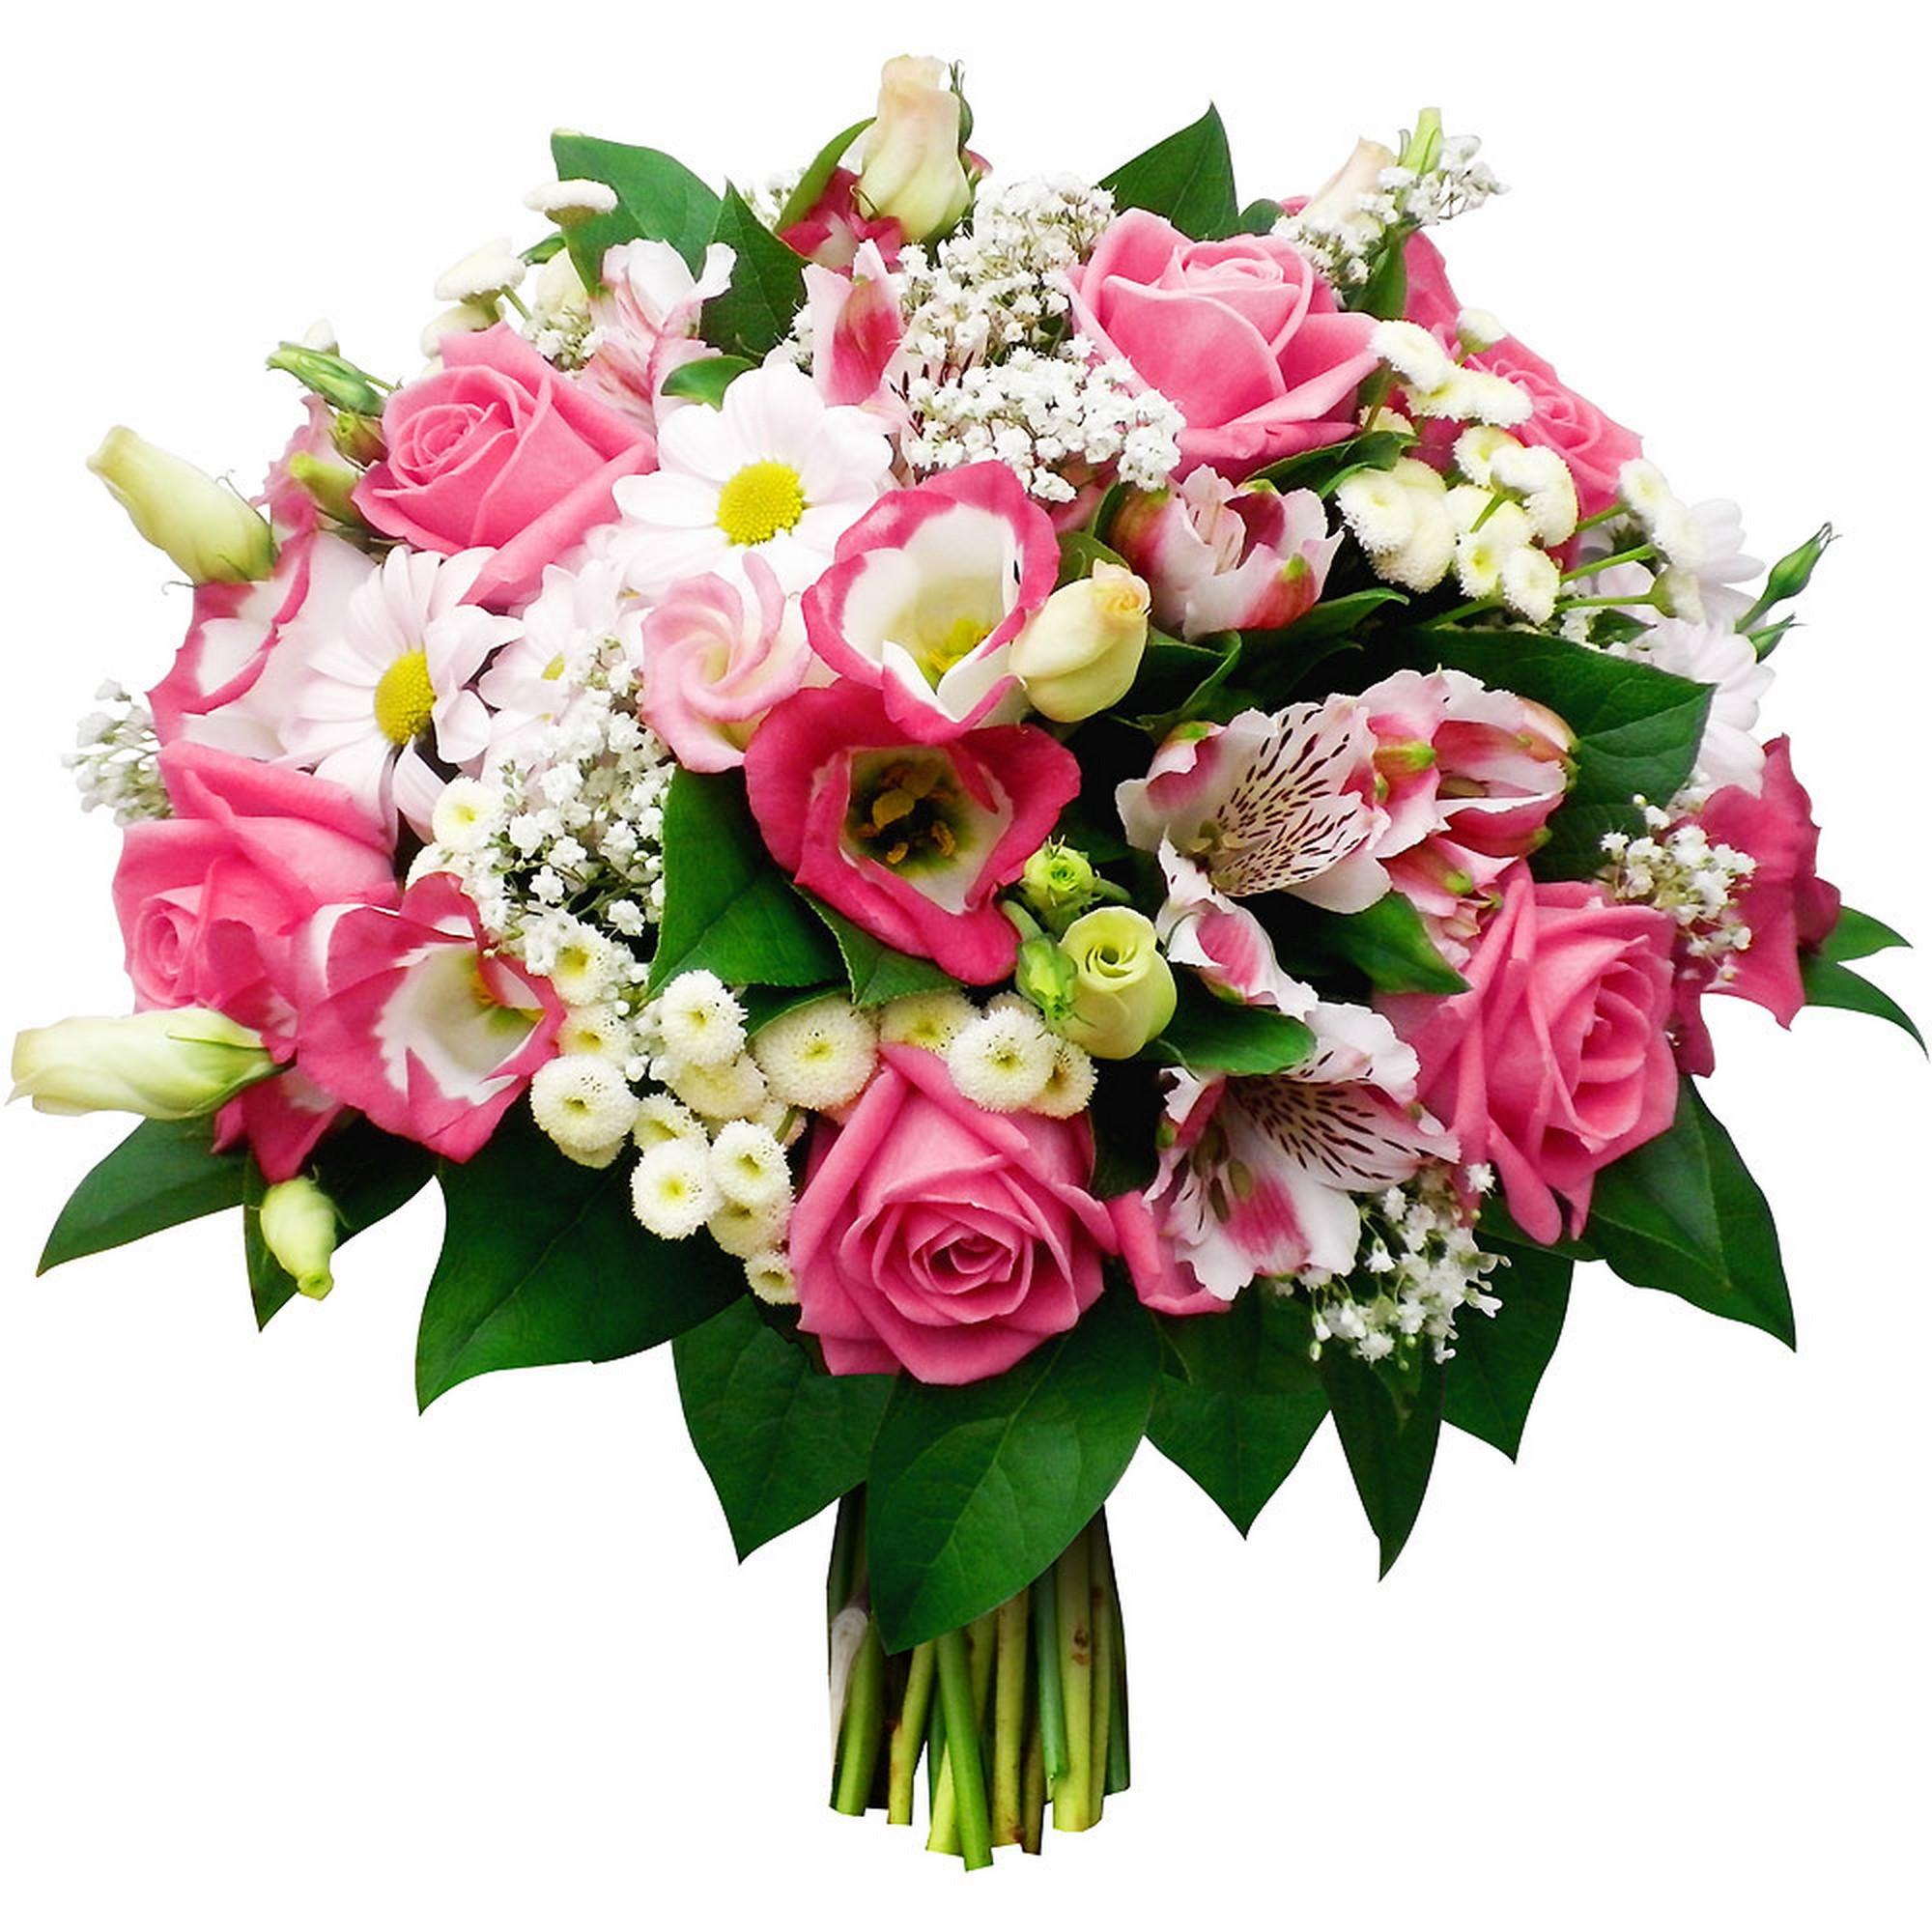 bouquet-rond-rose-fleur-gypsophile-lisianthus-chrysantheme-bonny-alstroemeria-rose-blanc-bicolore_17151